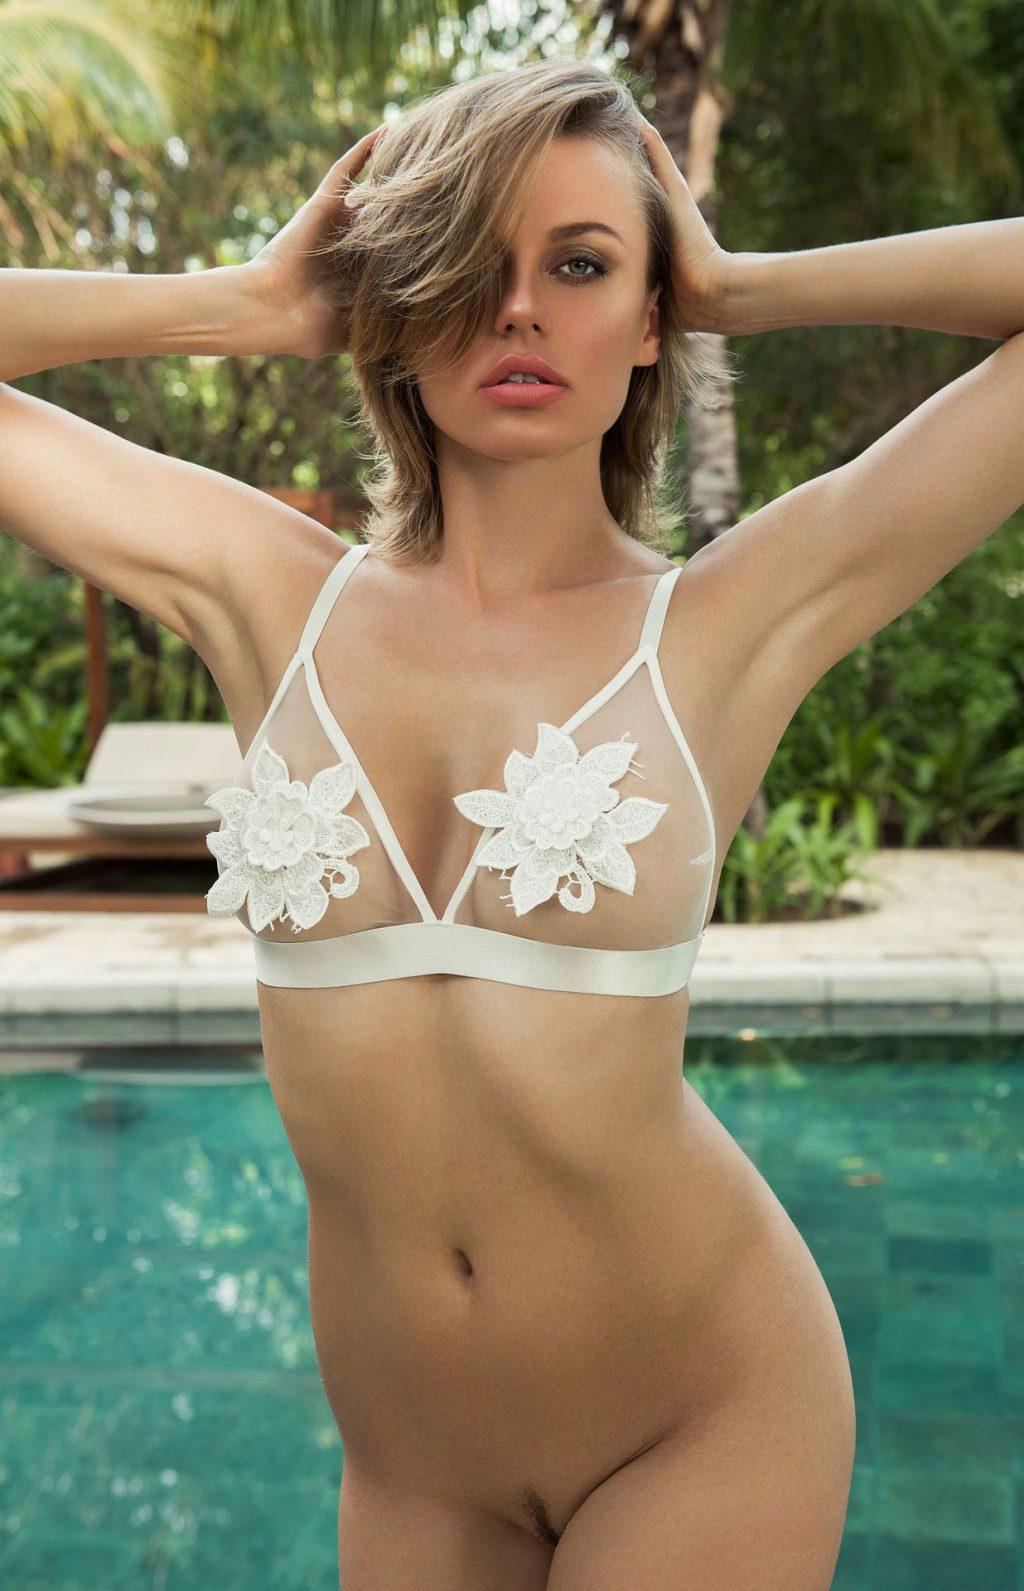 Olga de Mar Nude (13 New Photos)